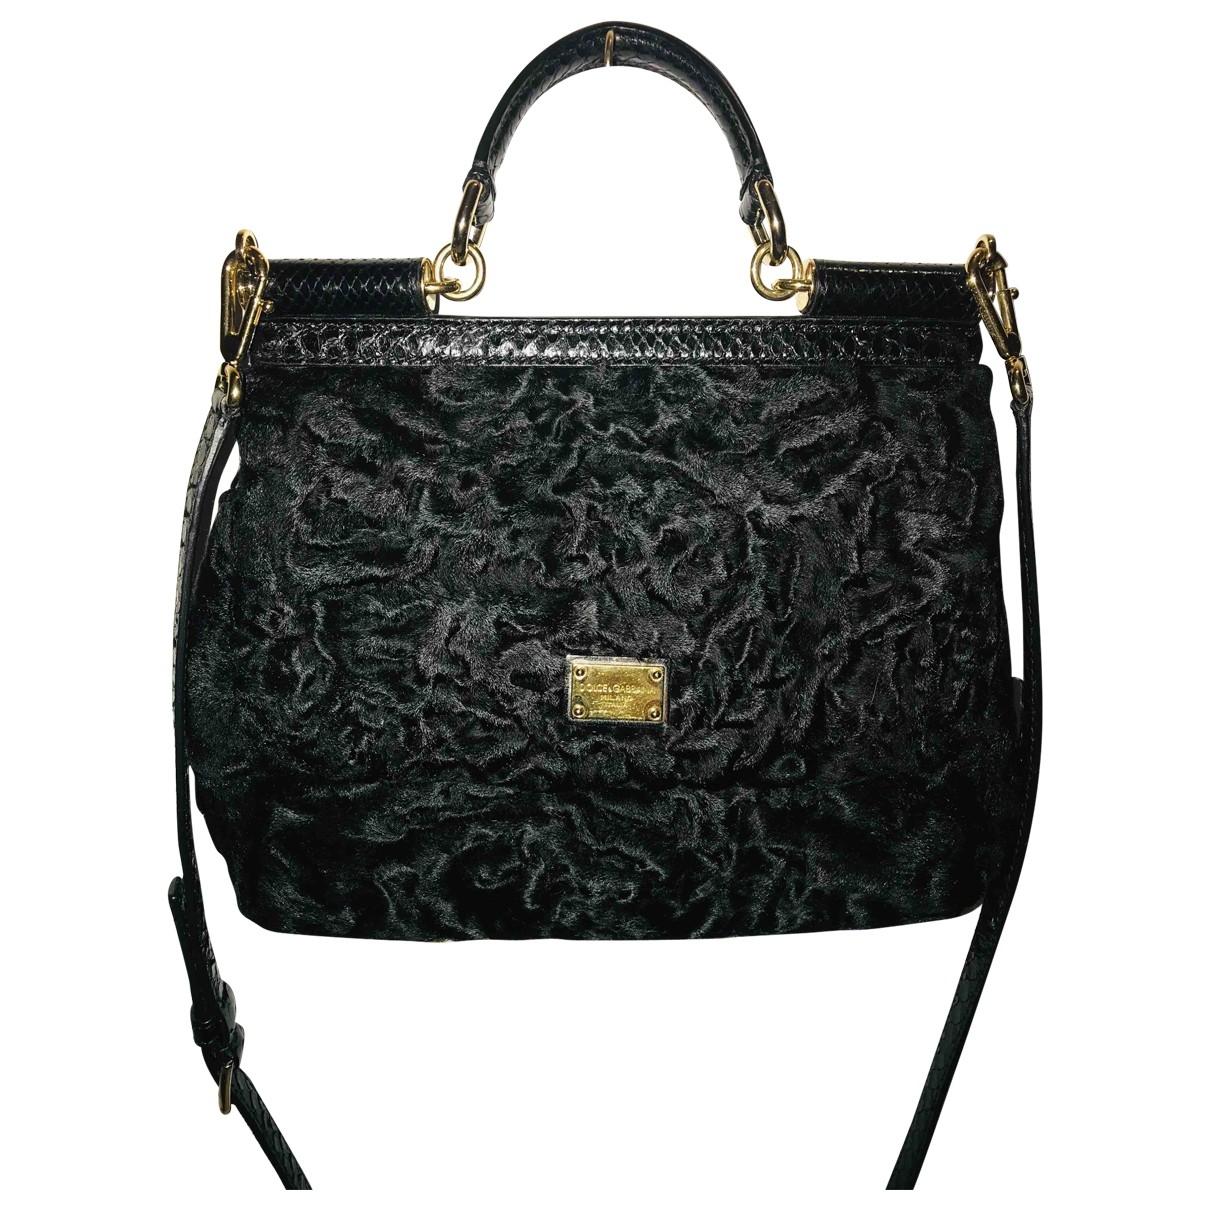 Dolce & Gabbana Sicily Handtasche in  Schwarz Mongolisches Lamm